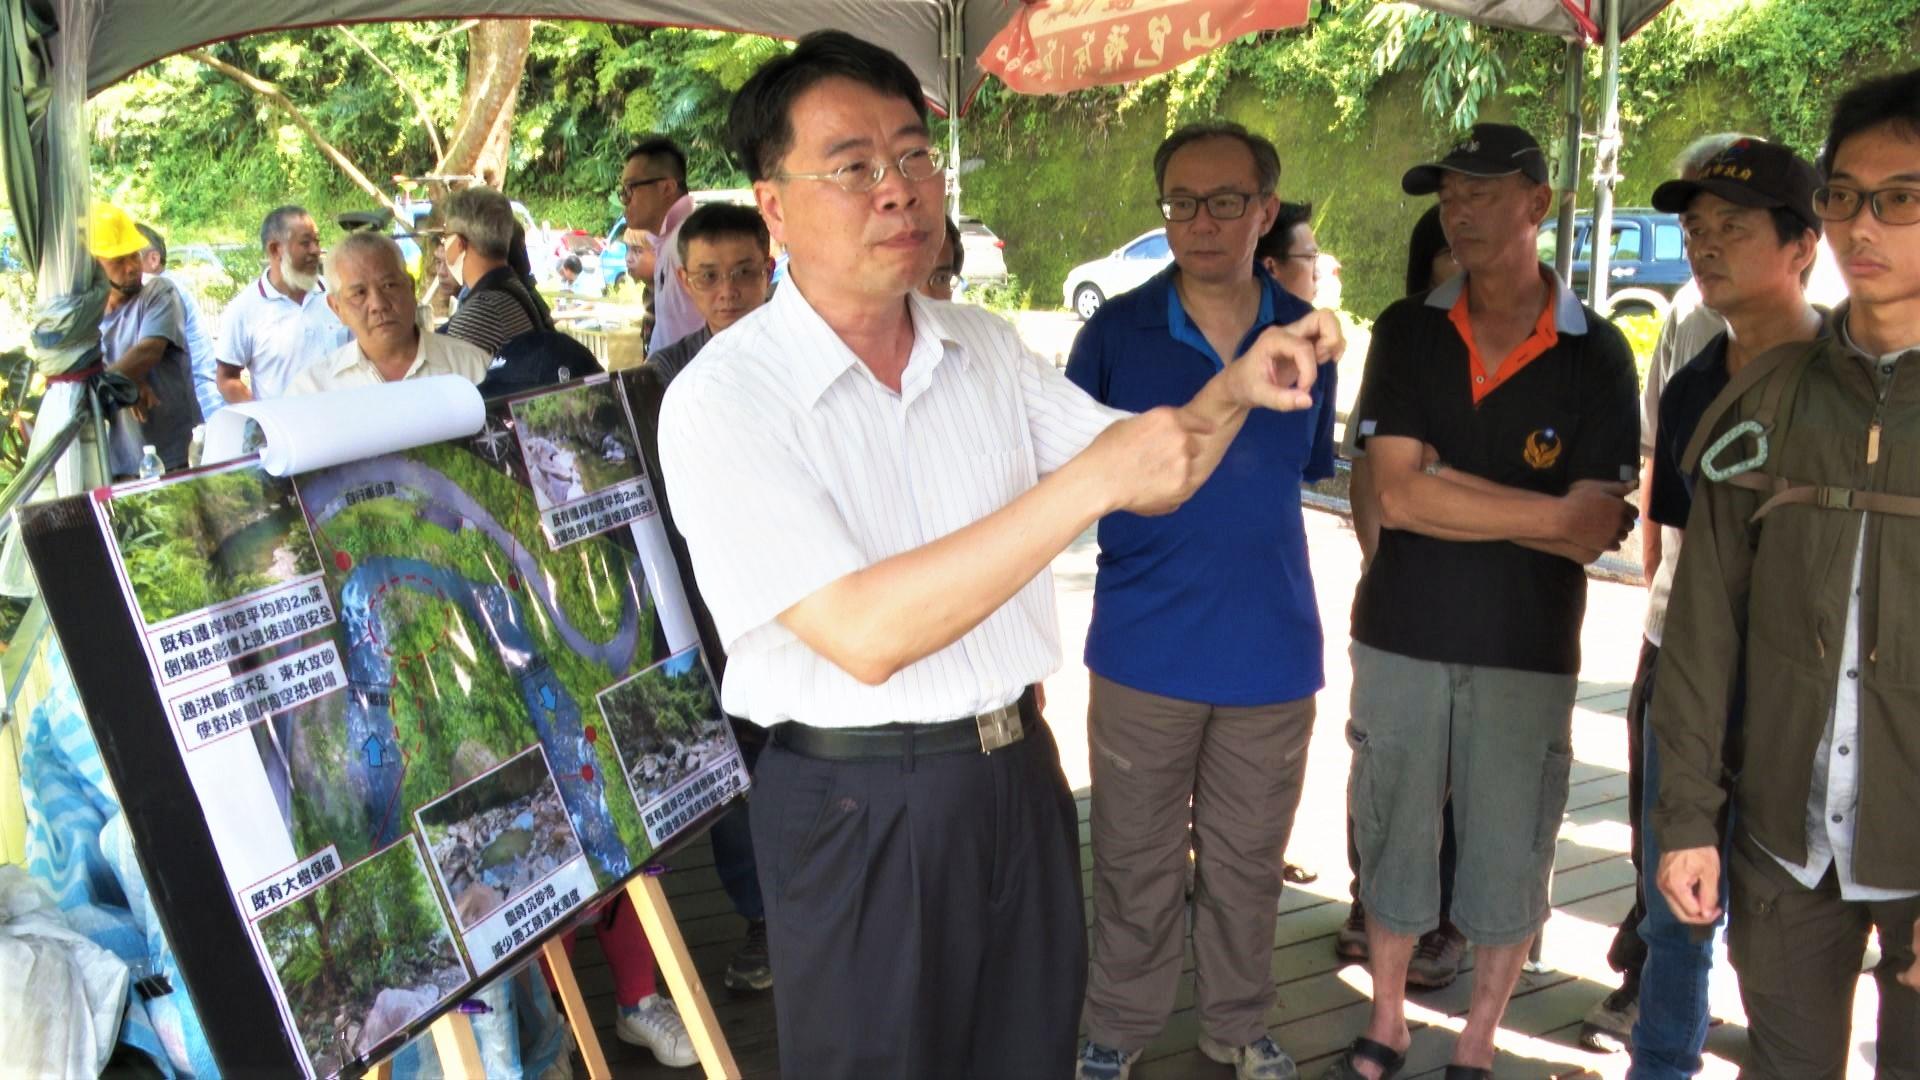 < 台北水源特定區管理局局長對關心民眾說明設計方案 >